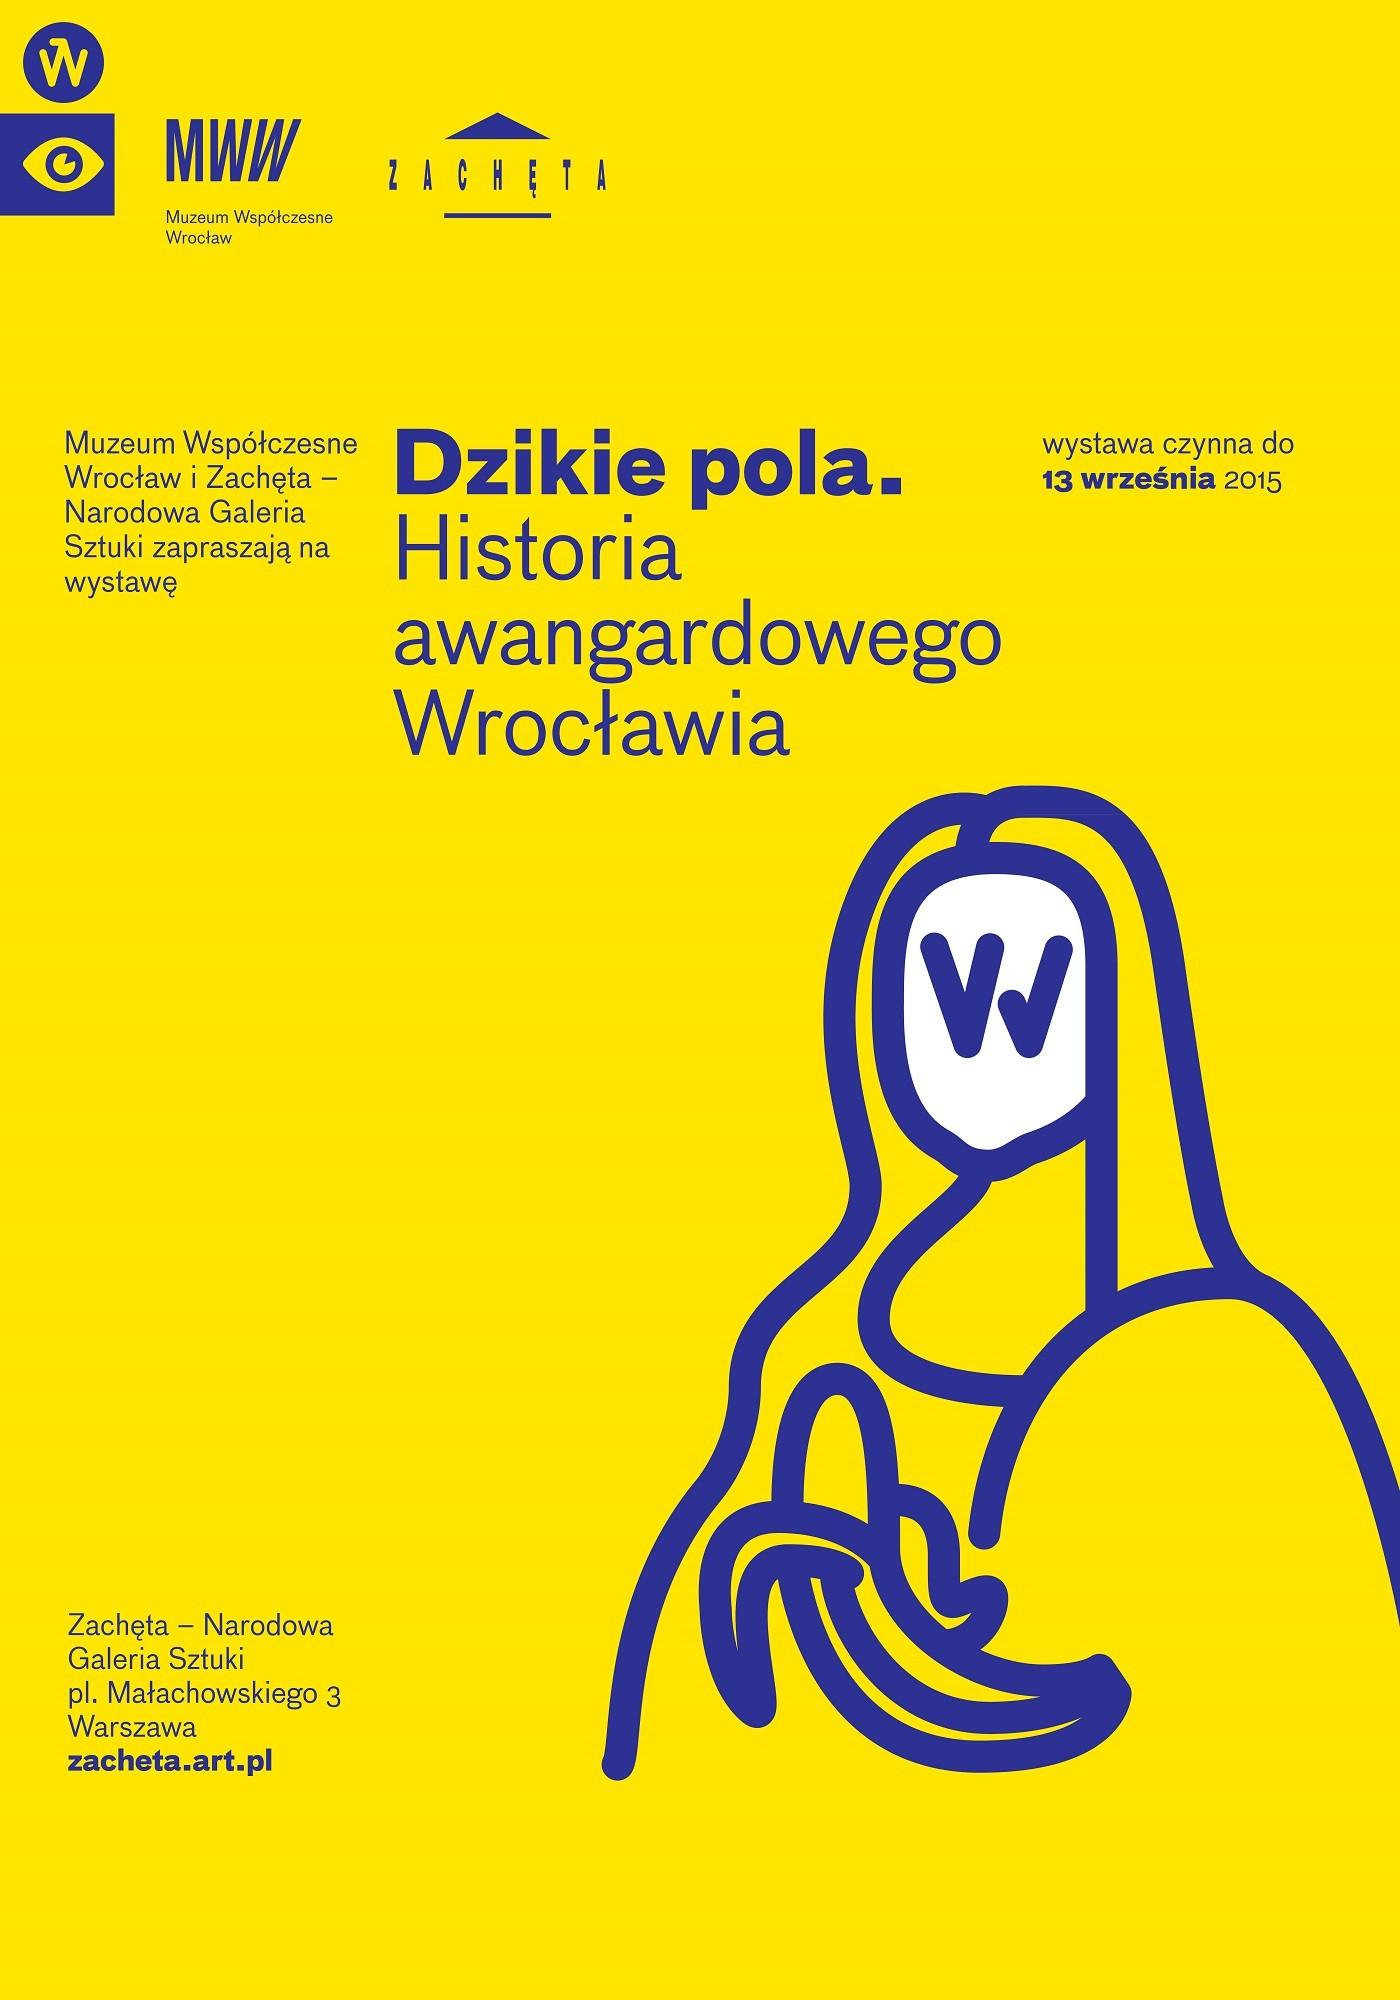 """""""Dzikie pola. Historia awangardowego Wrocławia"""" (źródło: materiały prasowe organizatora)"""